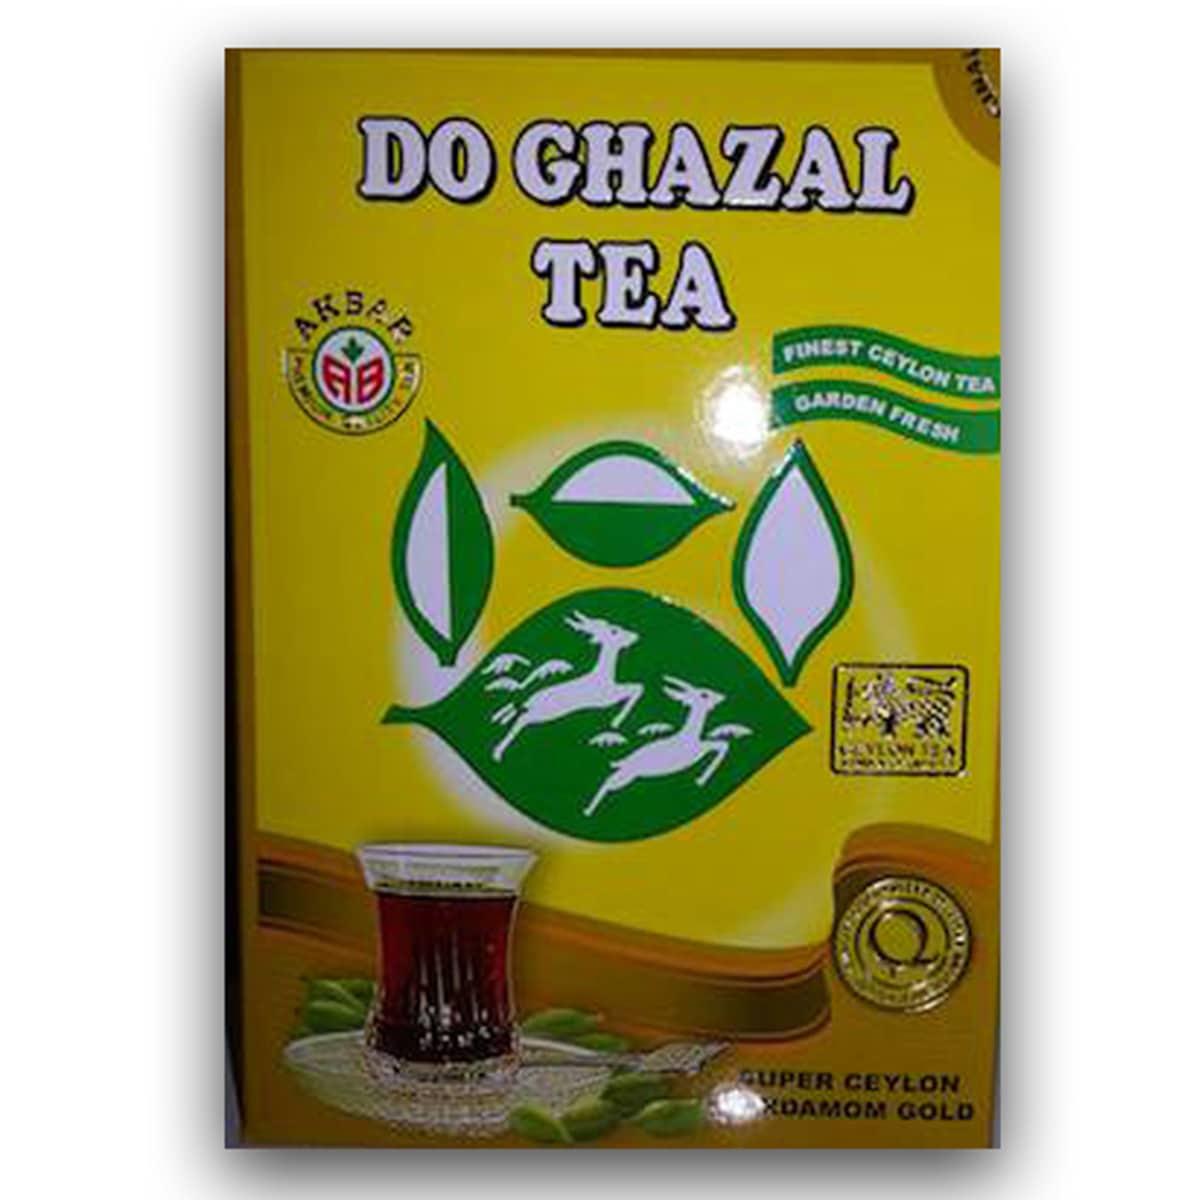 Buy Alghazaleen Tea (Do Ghazal Tea) Super Ceylon Cardamom Gold (Loose Tea) - 500 gm